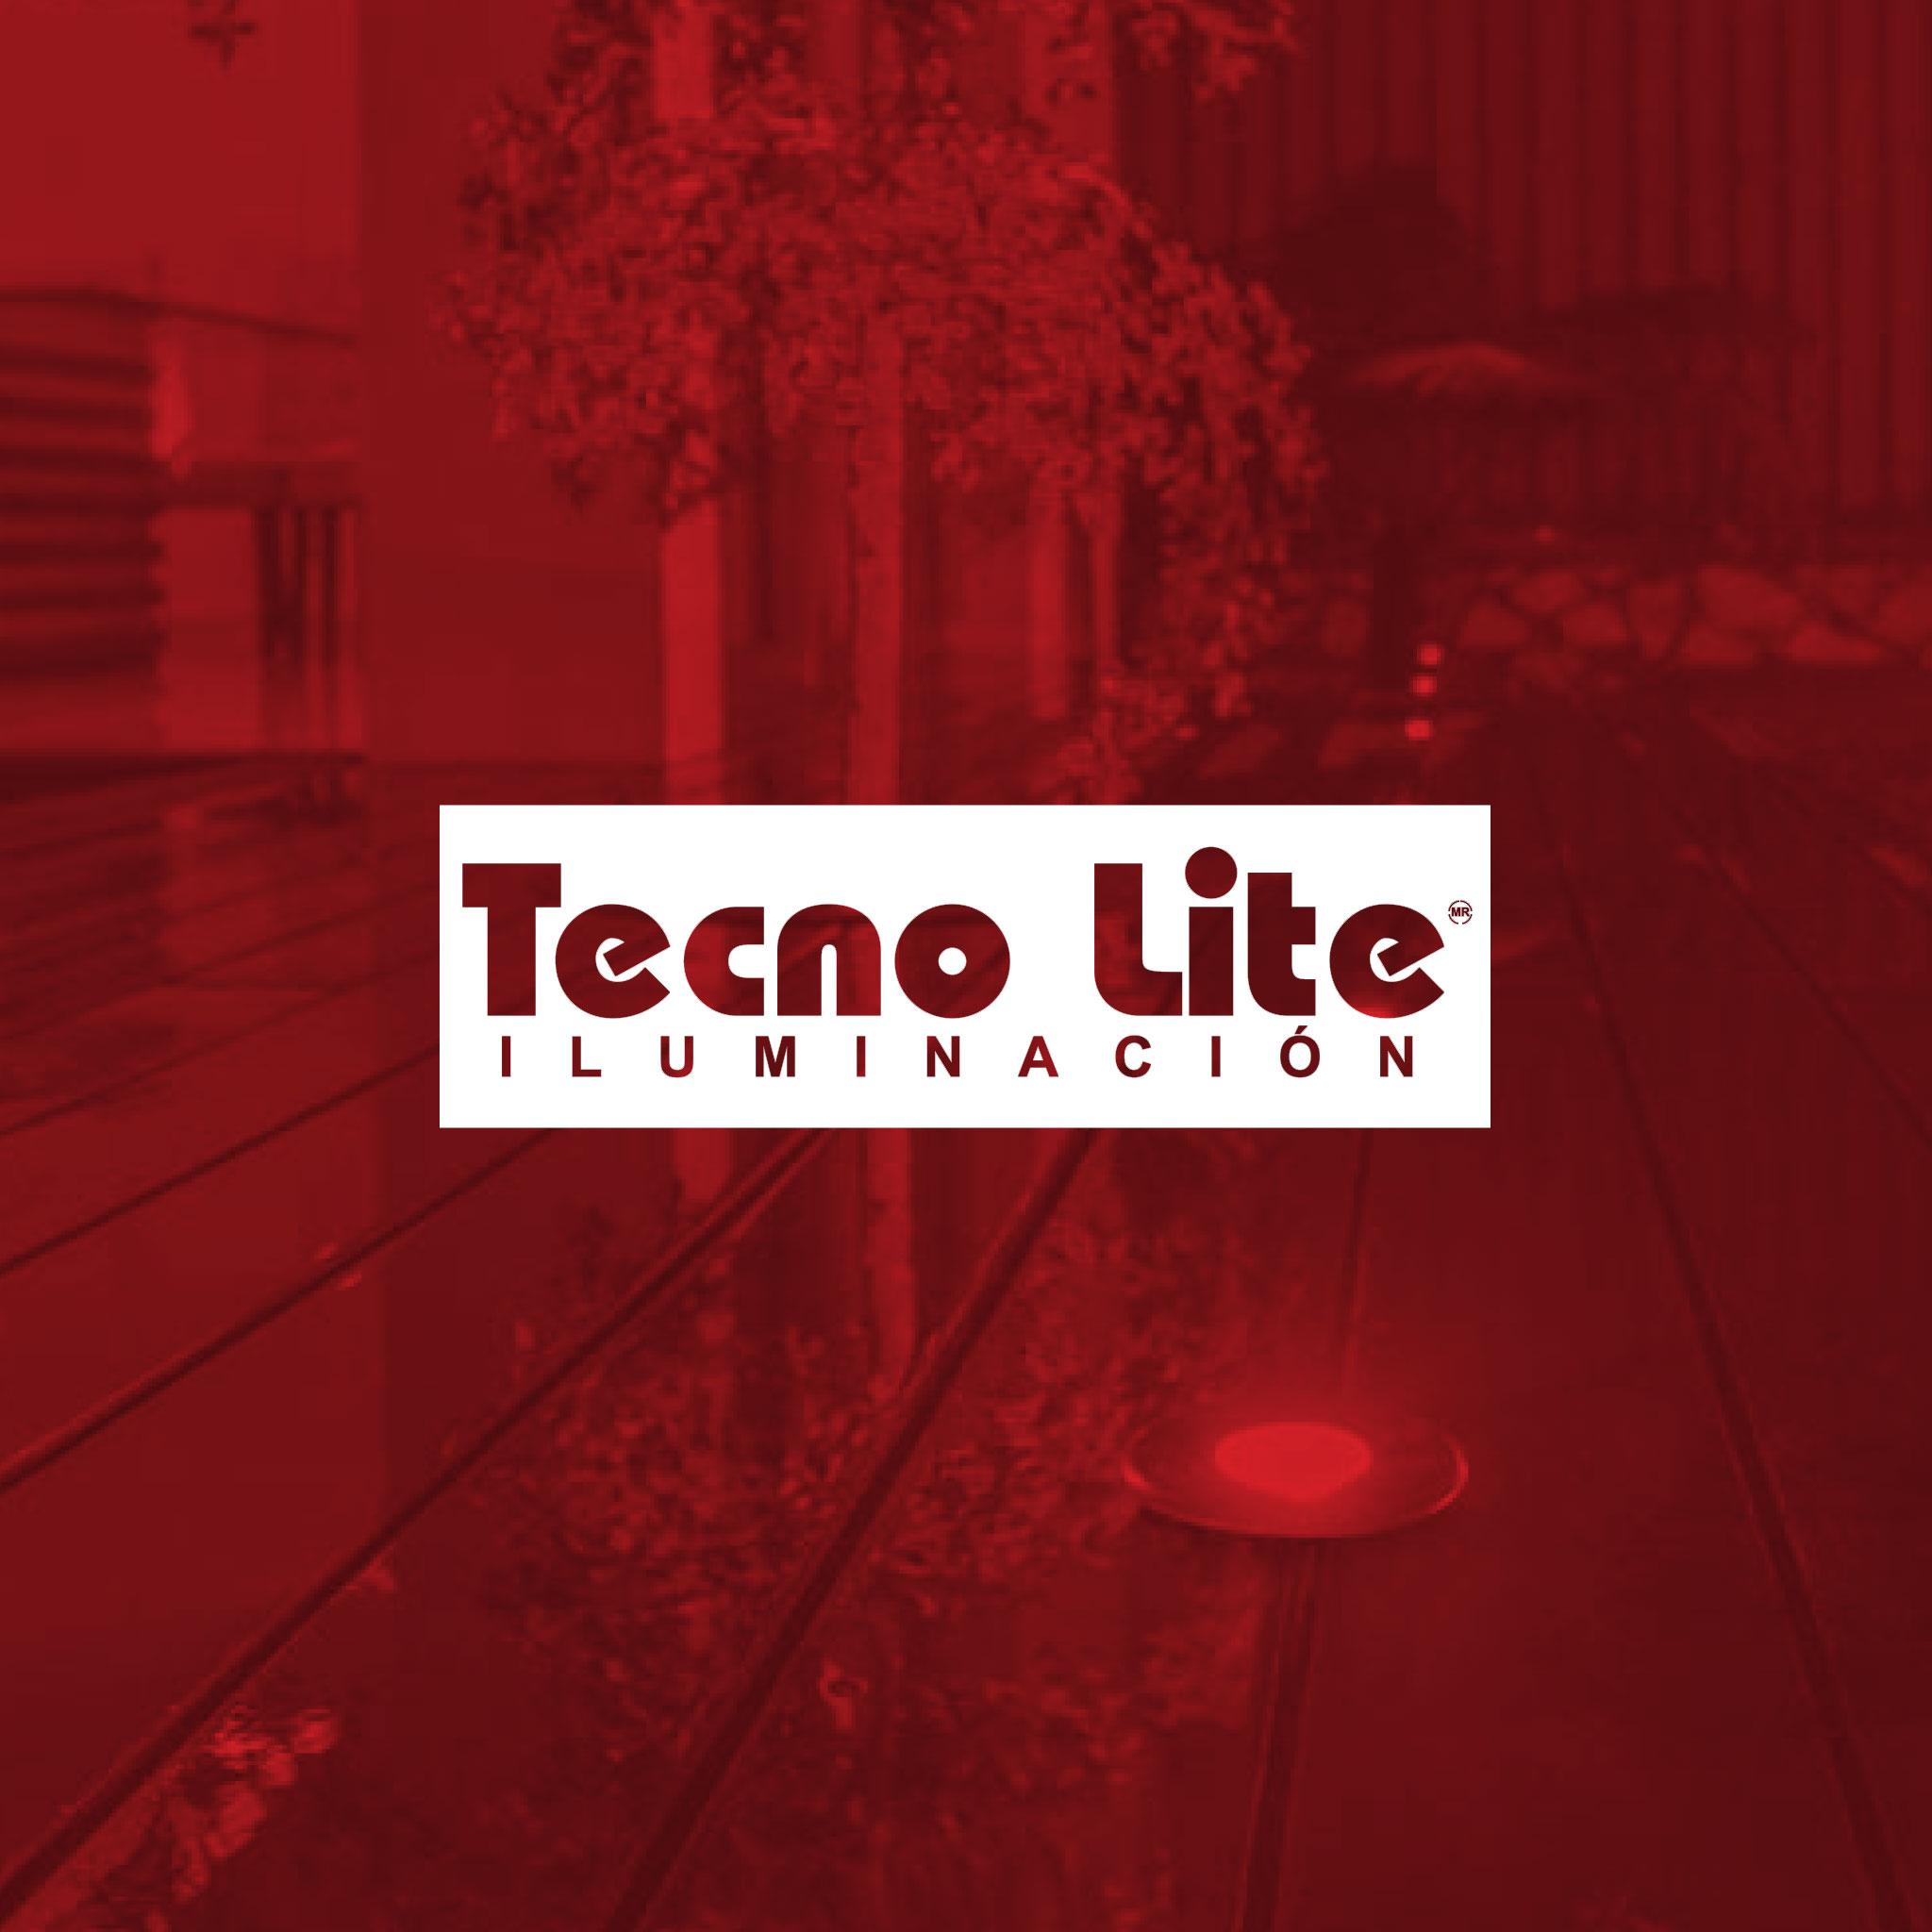 fet_tecnolite